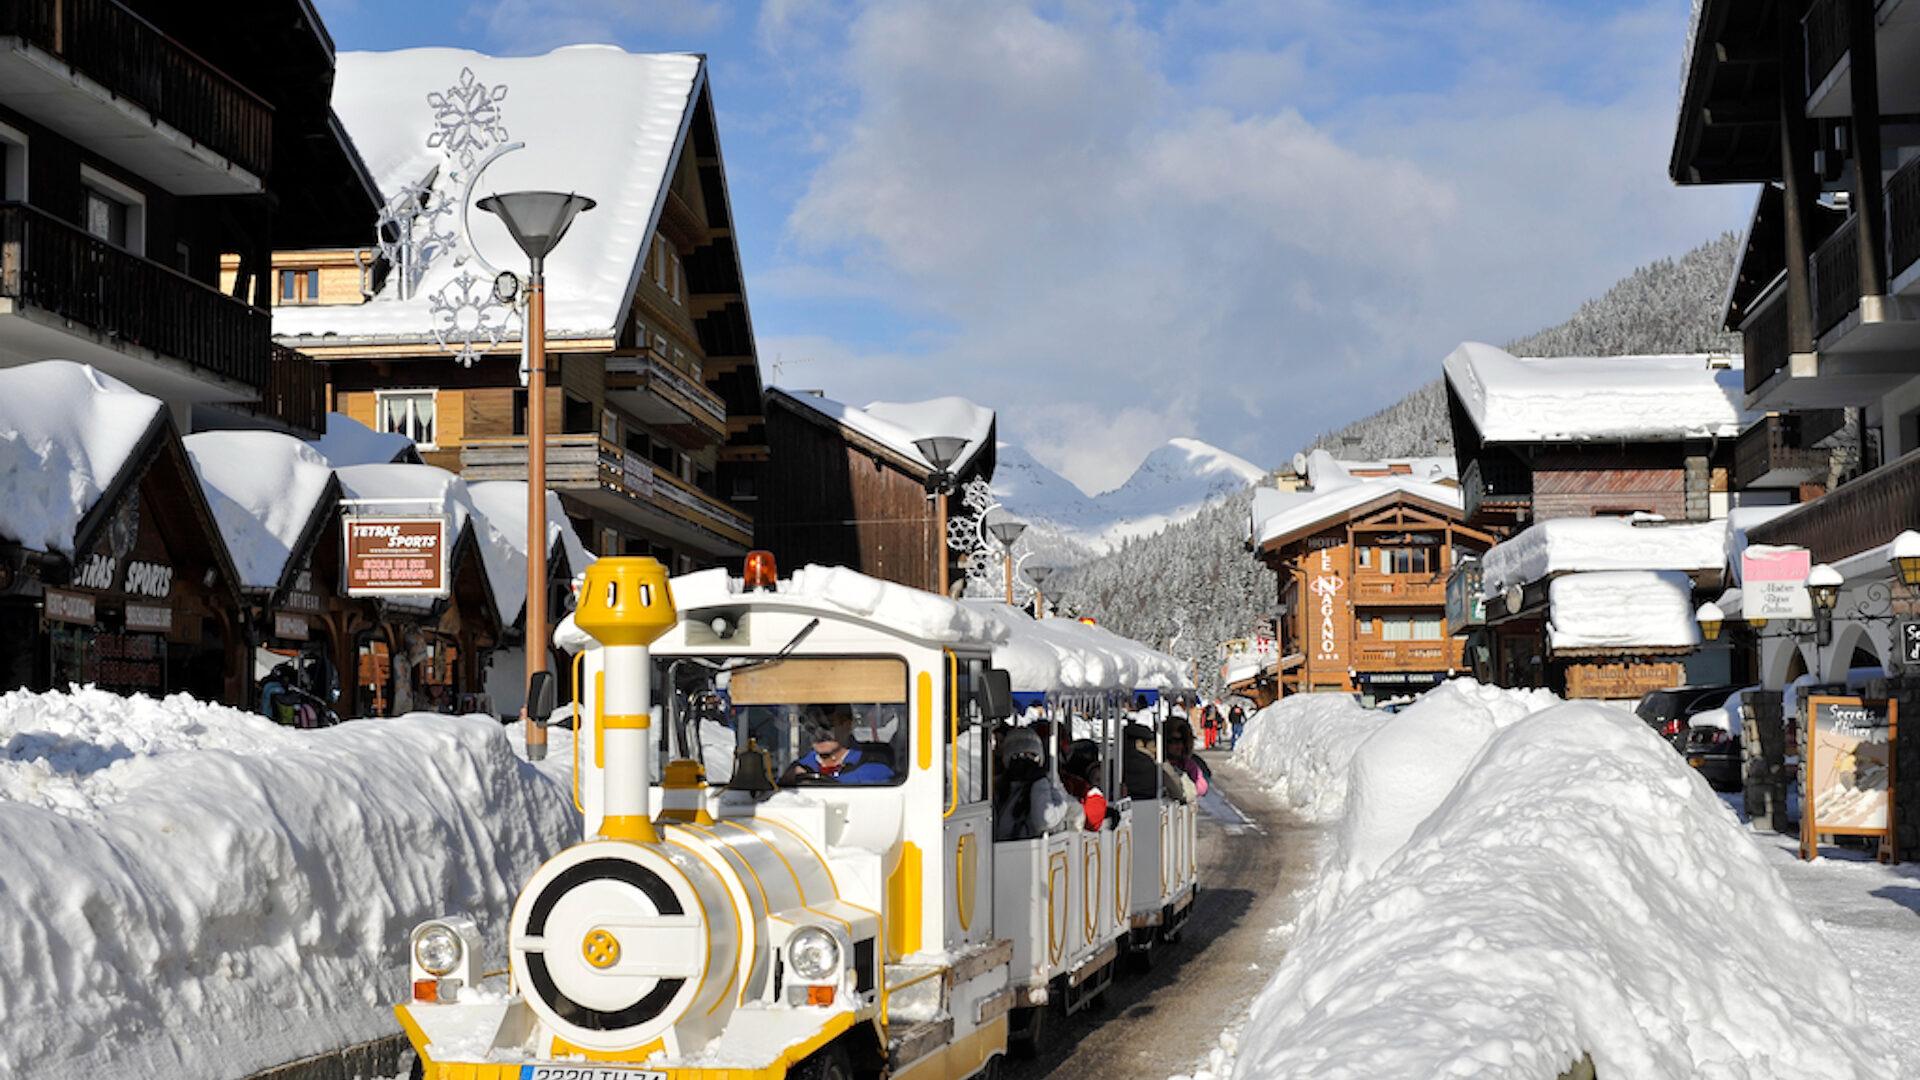 Petit train circulant dans un village de montagne en hiver